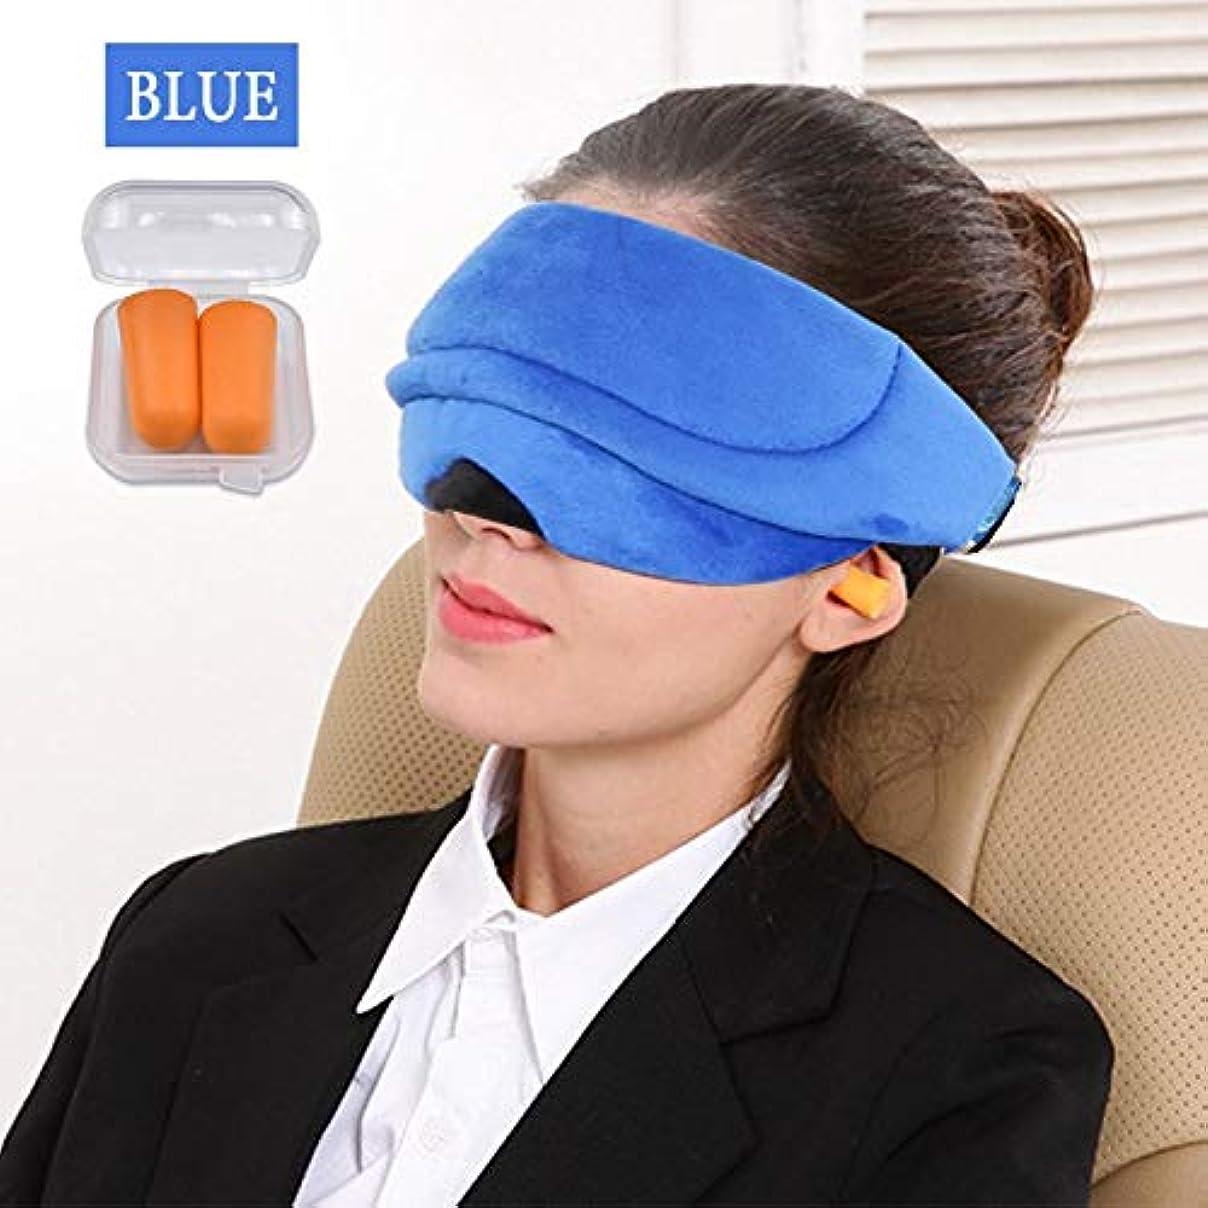 縫い目膨らみ実験室NOTE 3dナイト睡眠アイマスク休息旅行リラックス睡眠補助目隠しソフトカバーアイパッチ包帯用睡眠屋外オフィスアイマスク